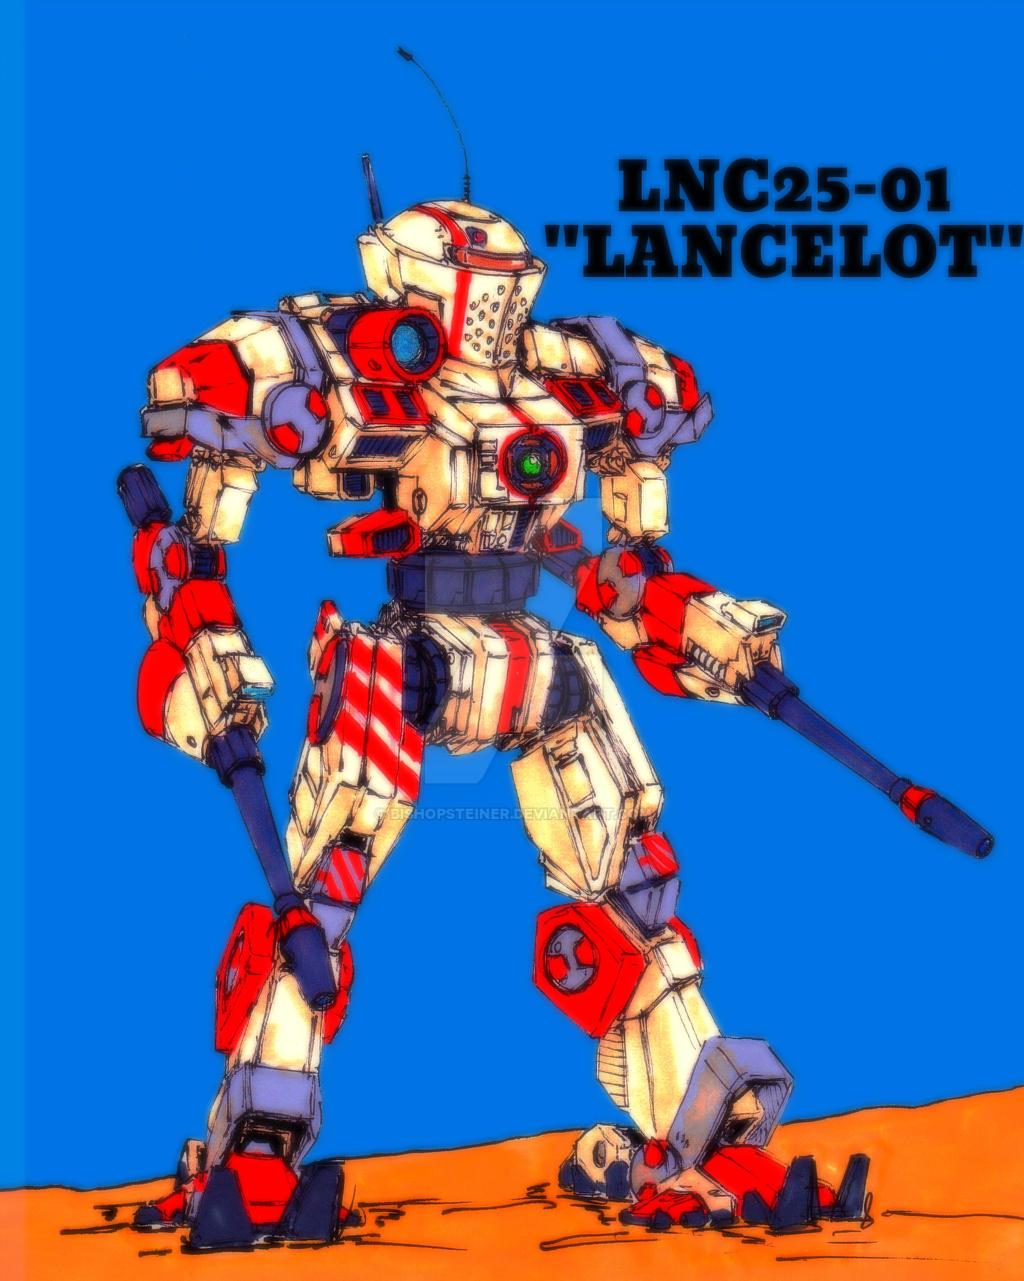 LNC-25-01 Lancelot by BishopSteiner